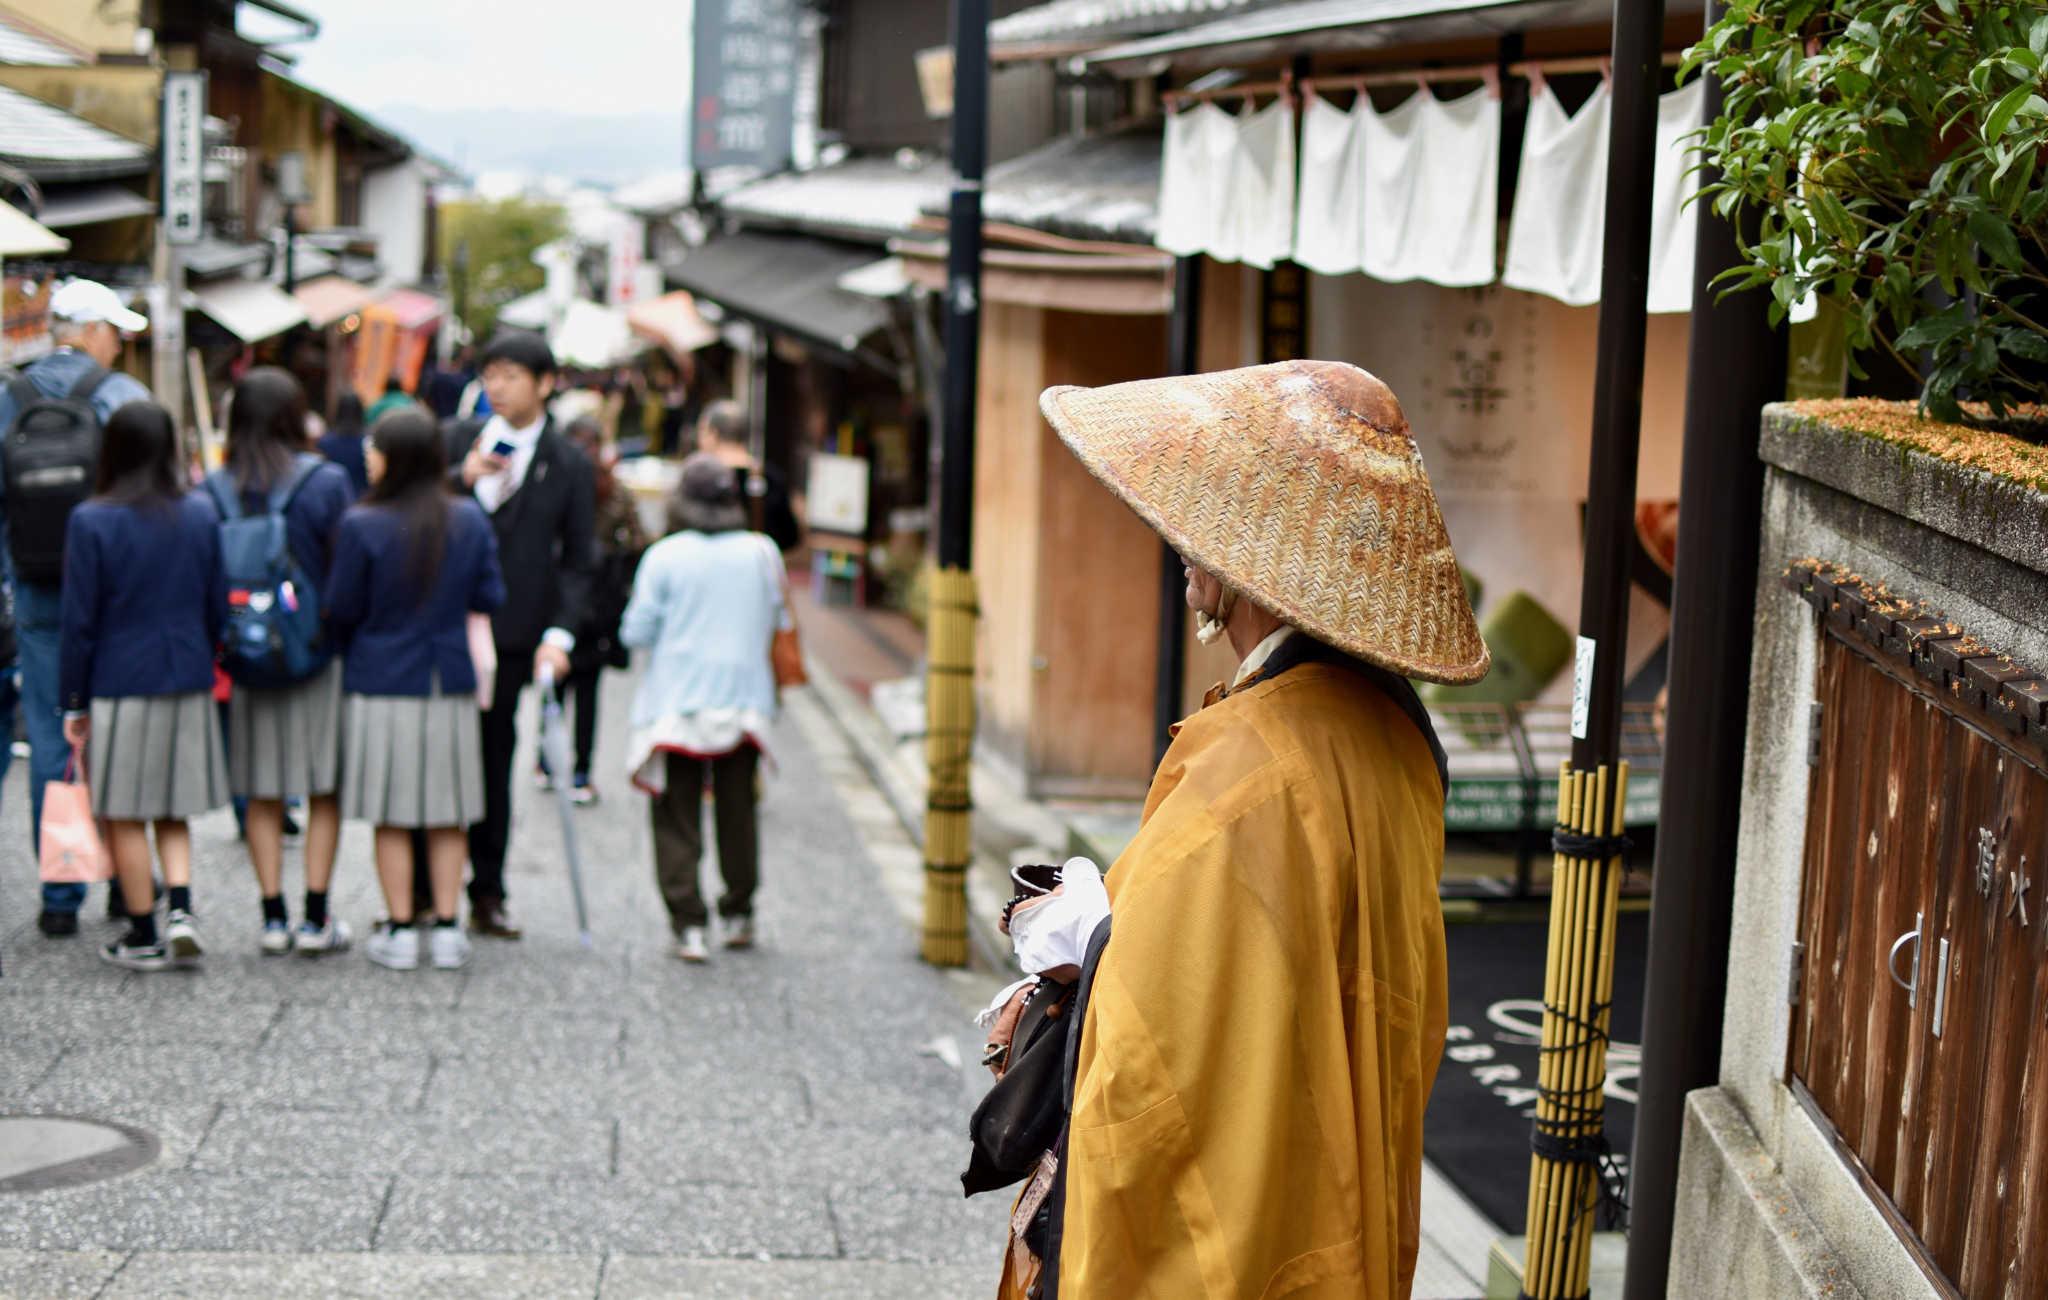 A l'approche du Kiyomizu-Dera, quelques moines qui mendient